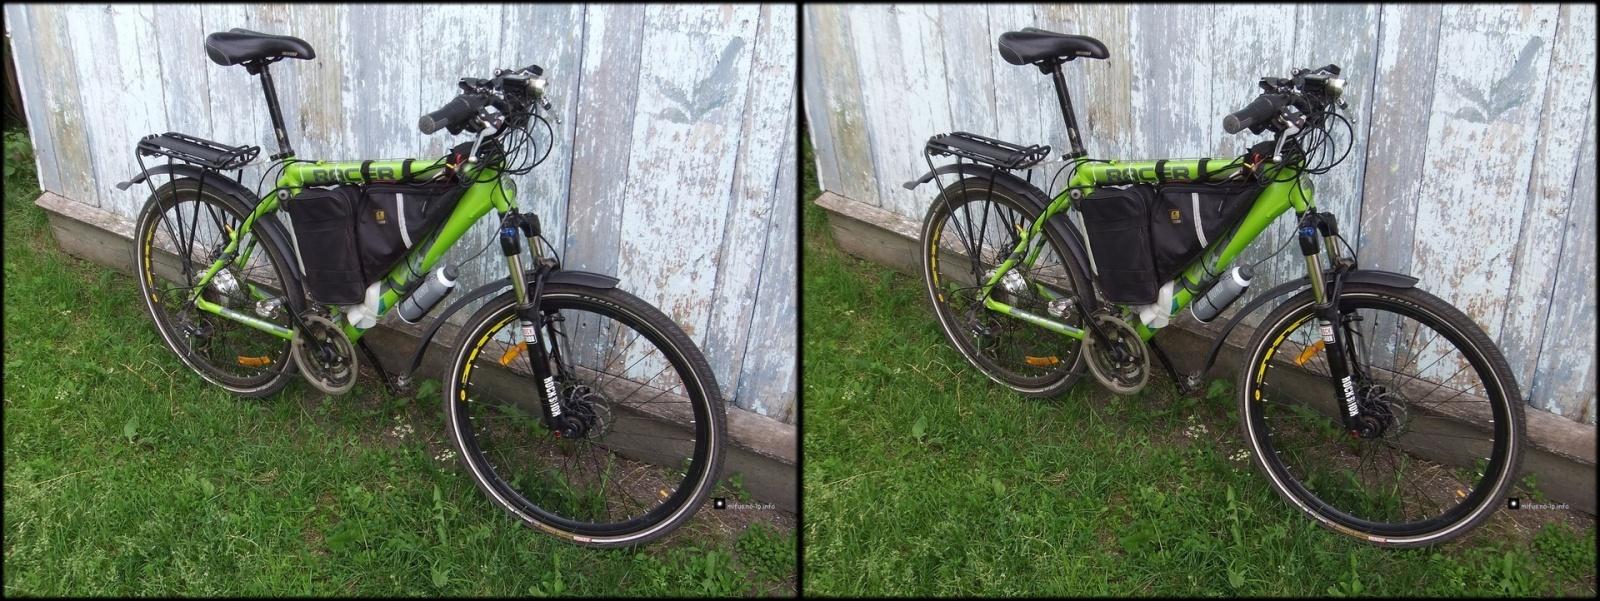 Электровелосипед — доступность и эффективность на личном примере - 9